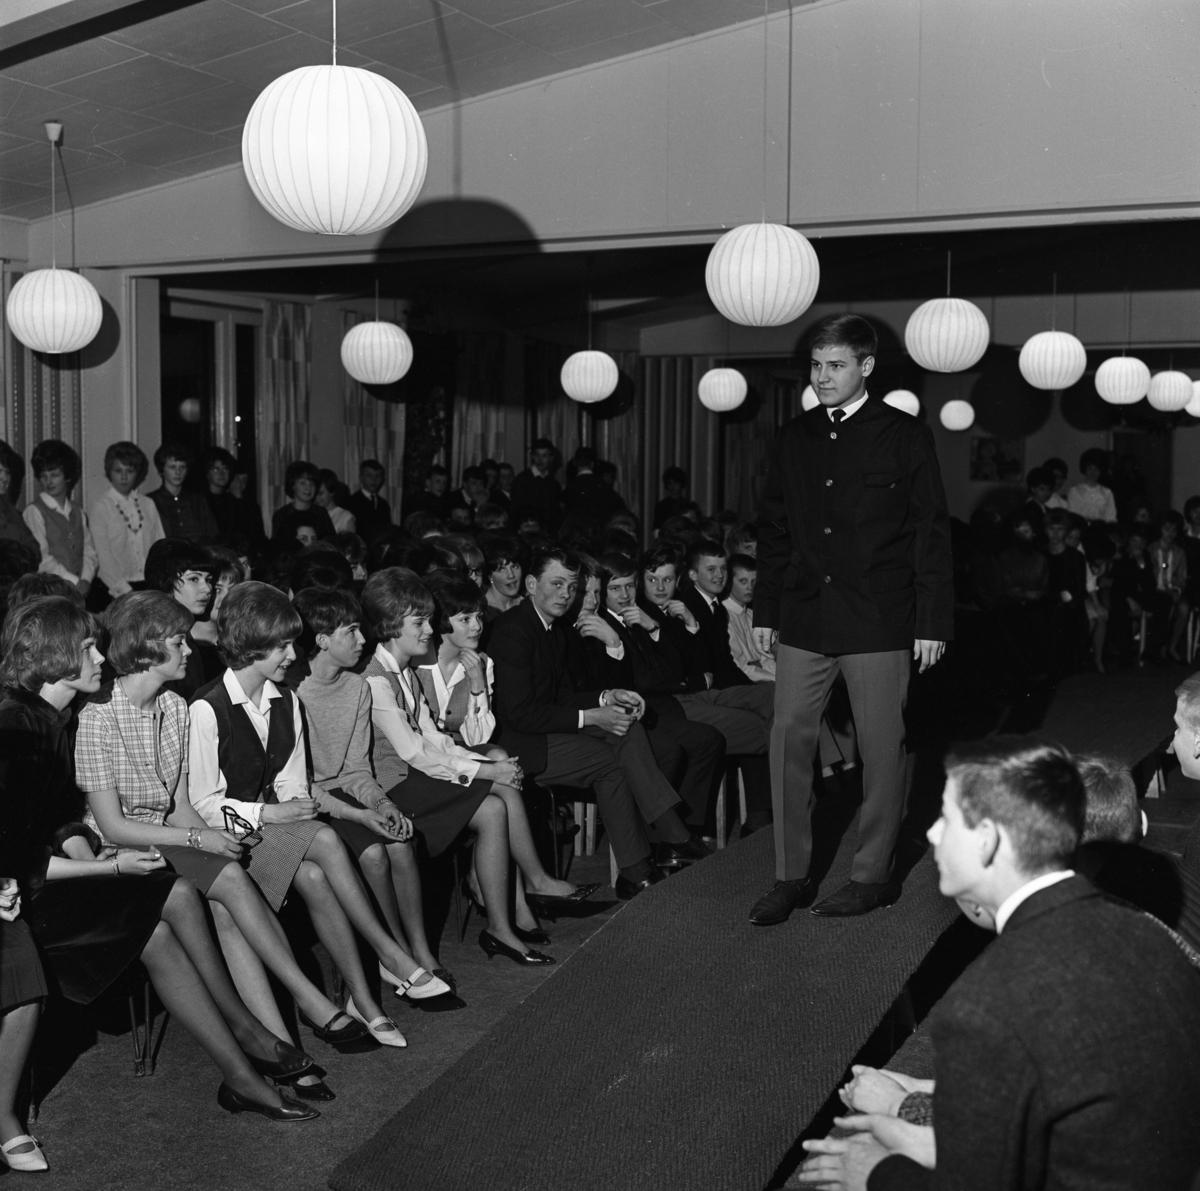 Ungdomsträff med modevisning. Jan Pettersson visar jacka och byxor. En stor publik tittar på.